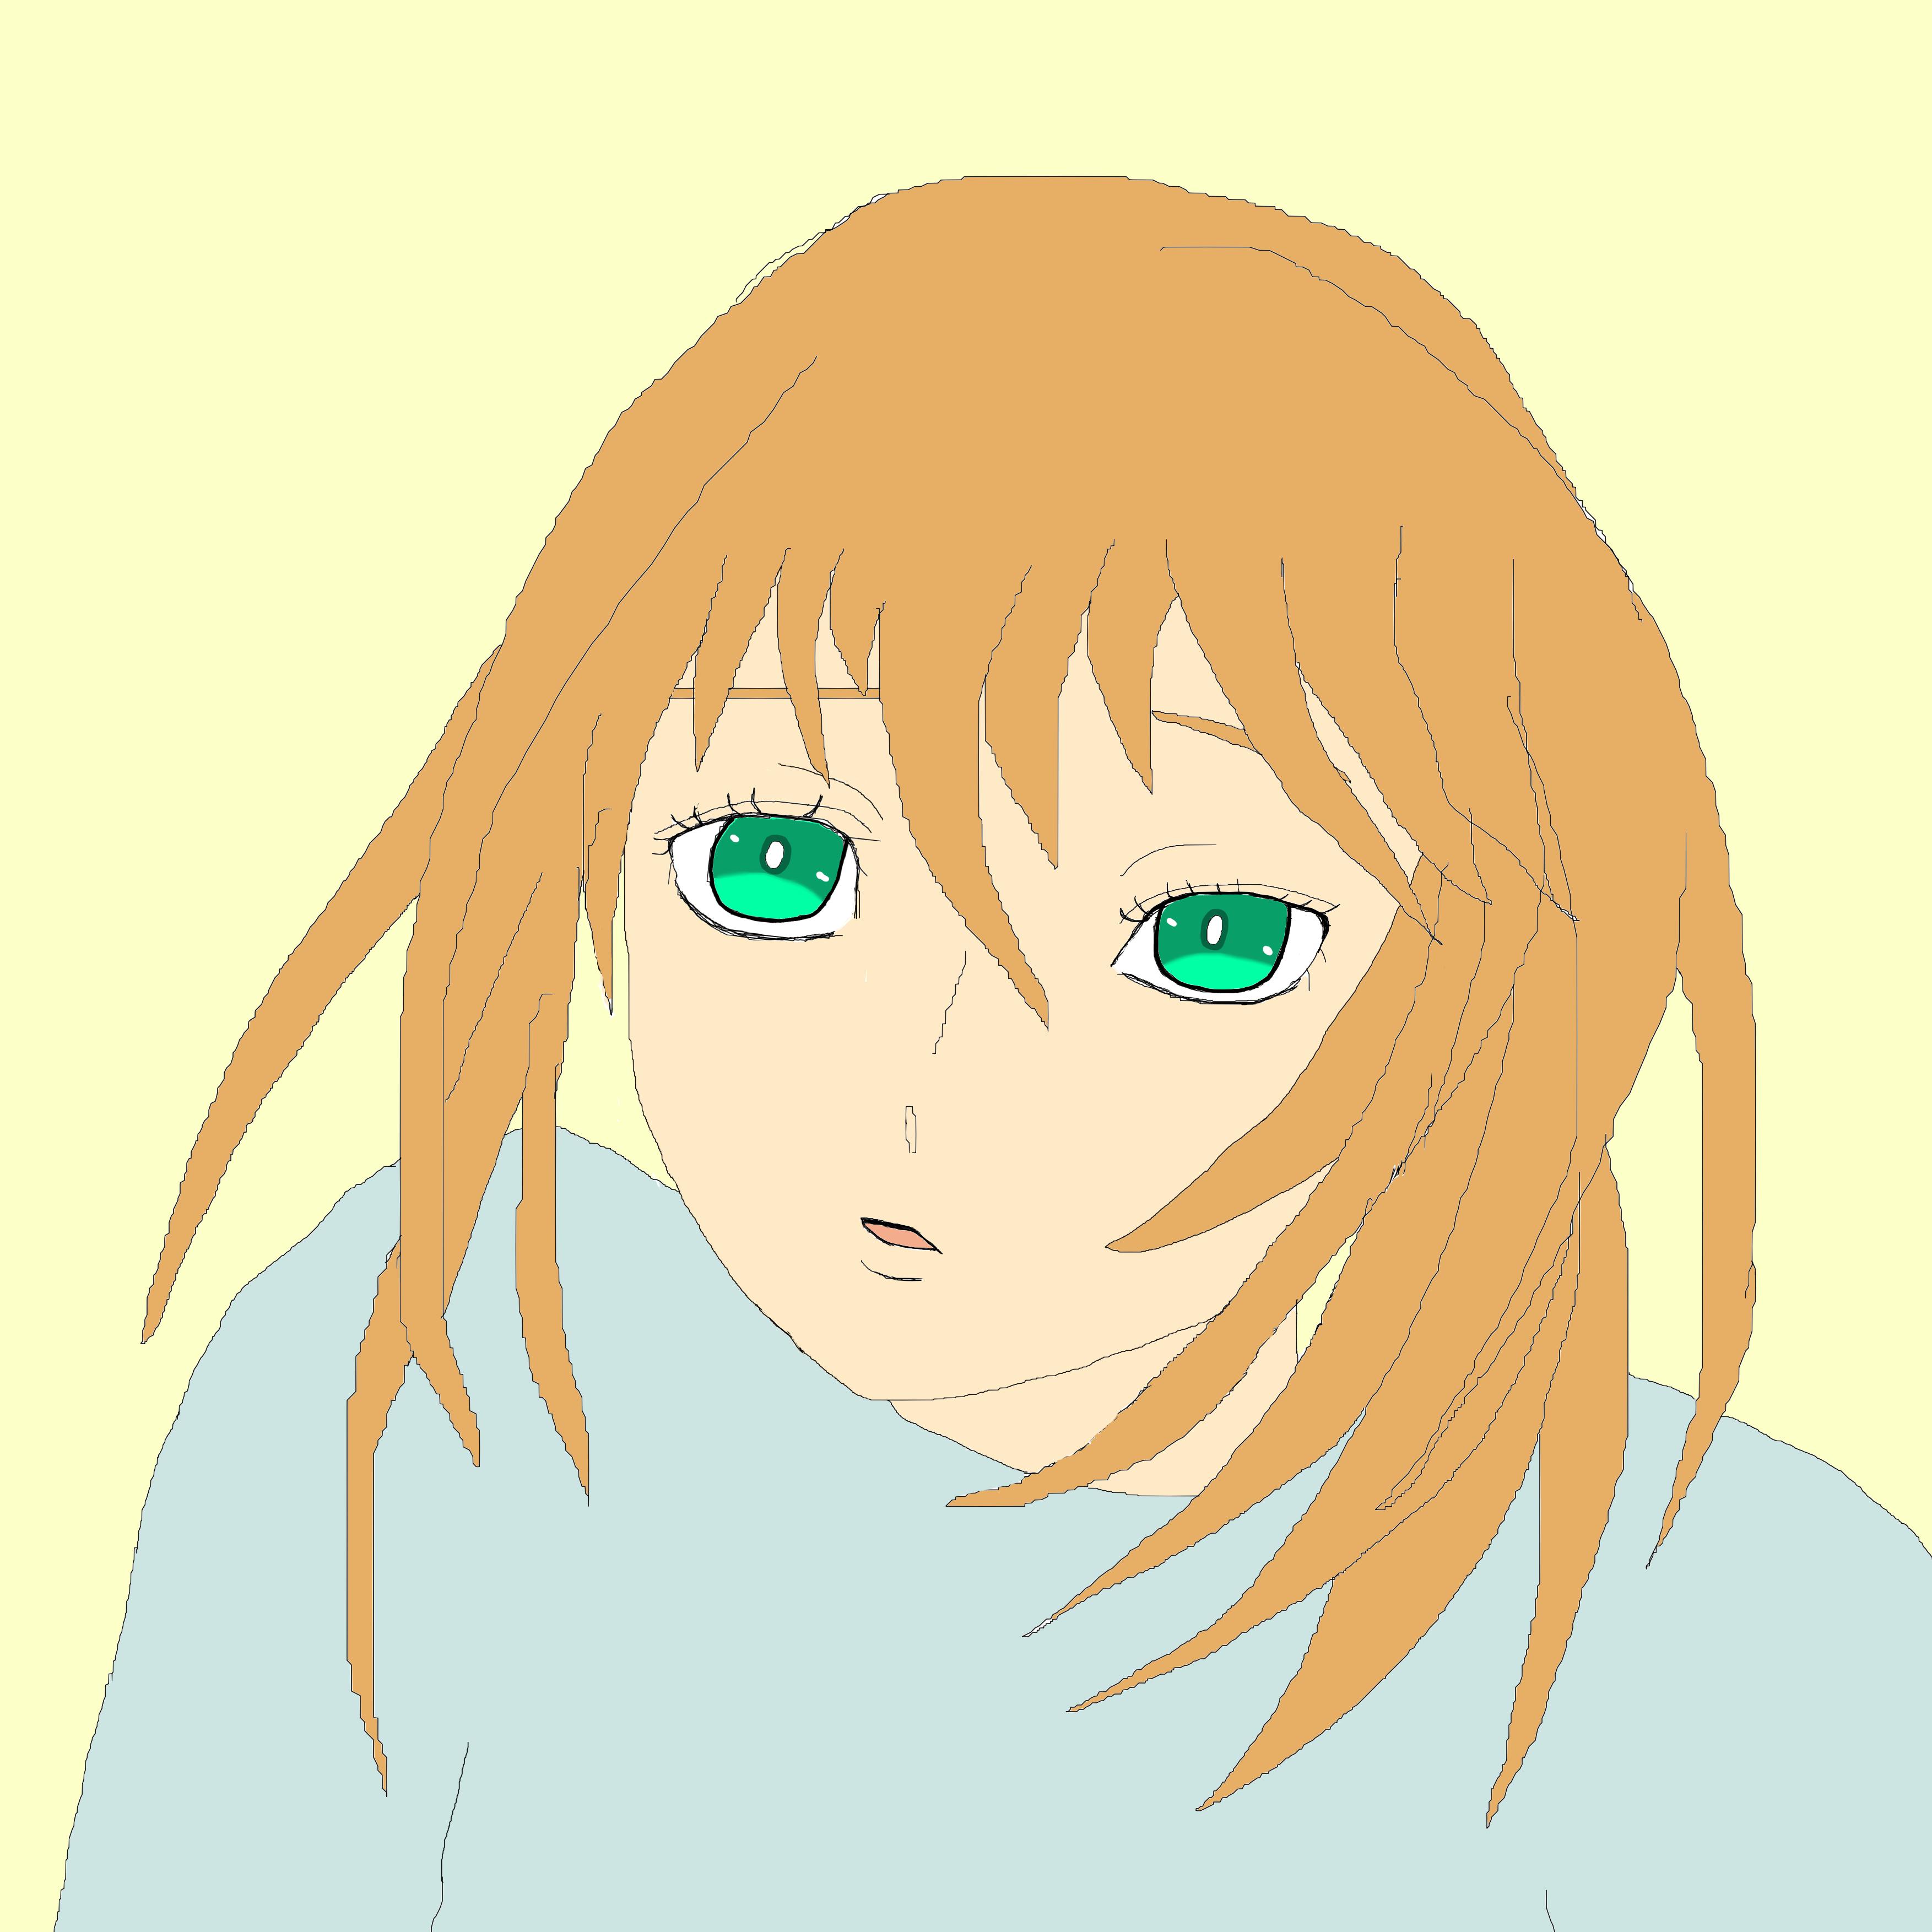 Animegirl14